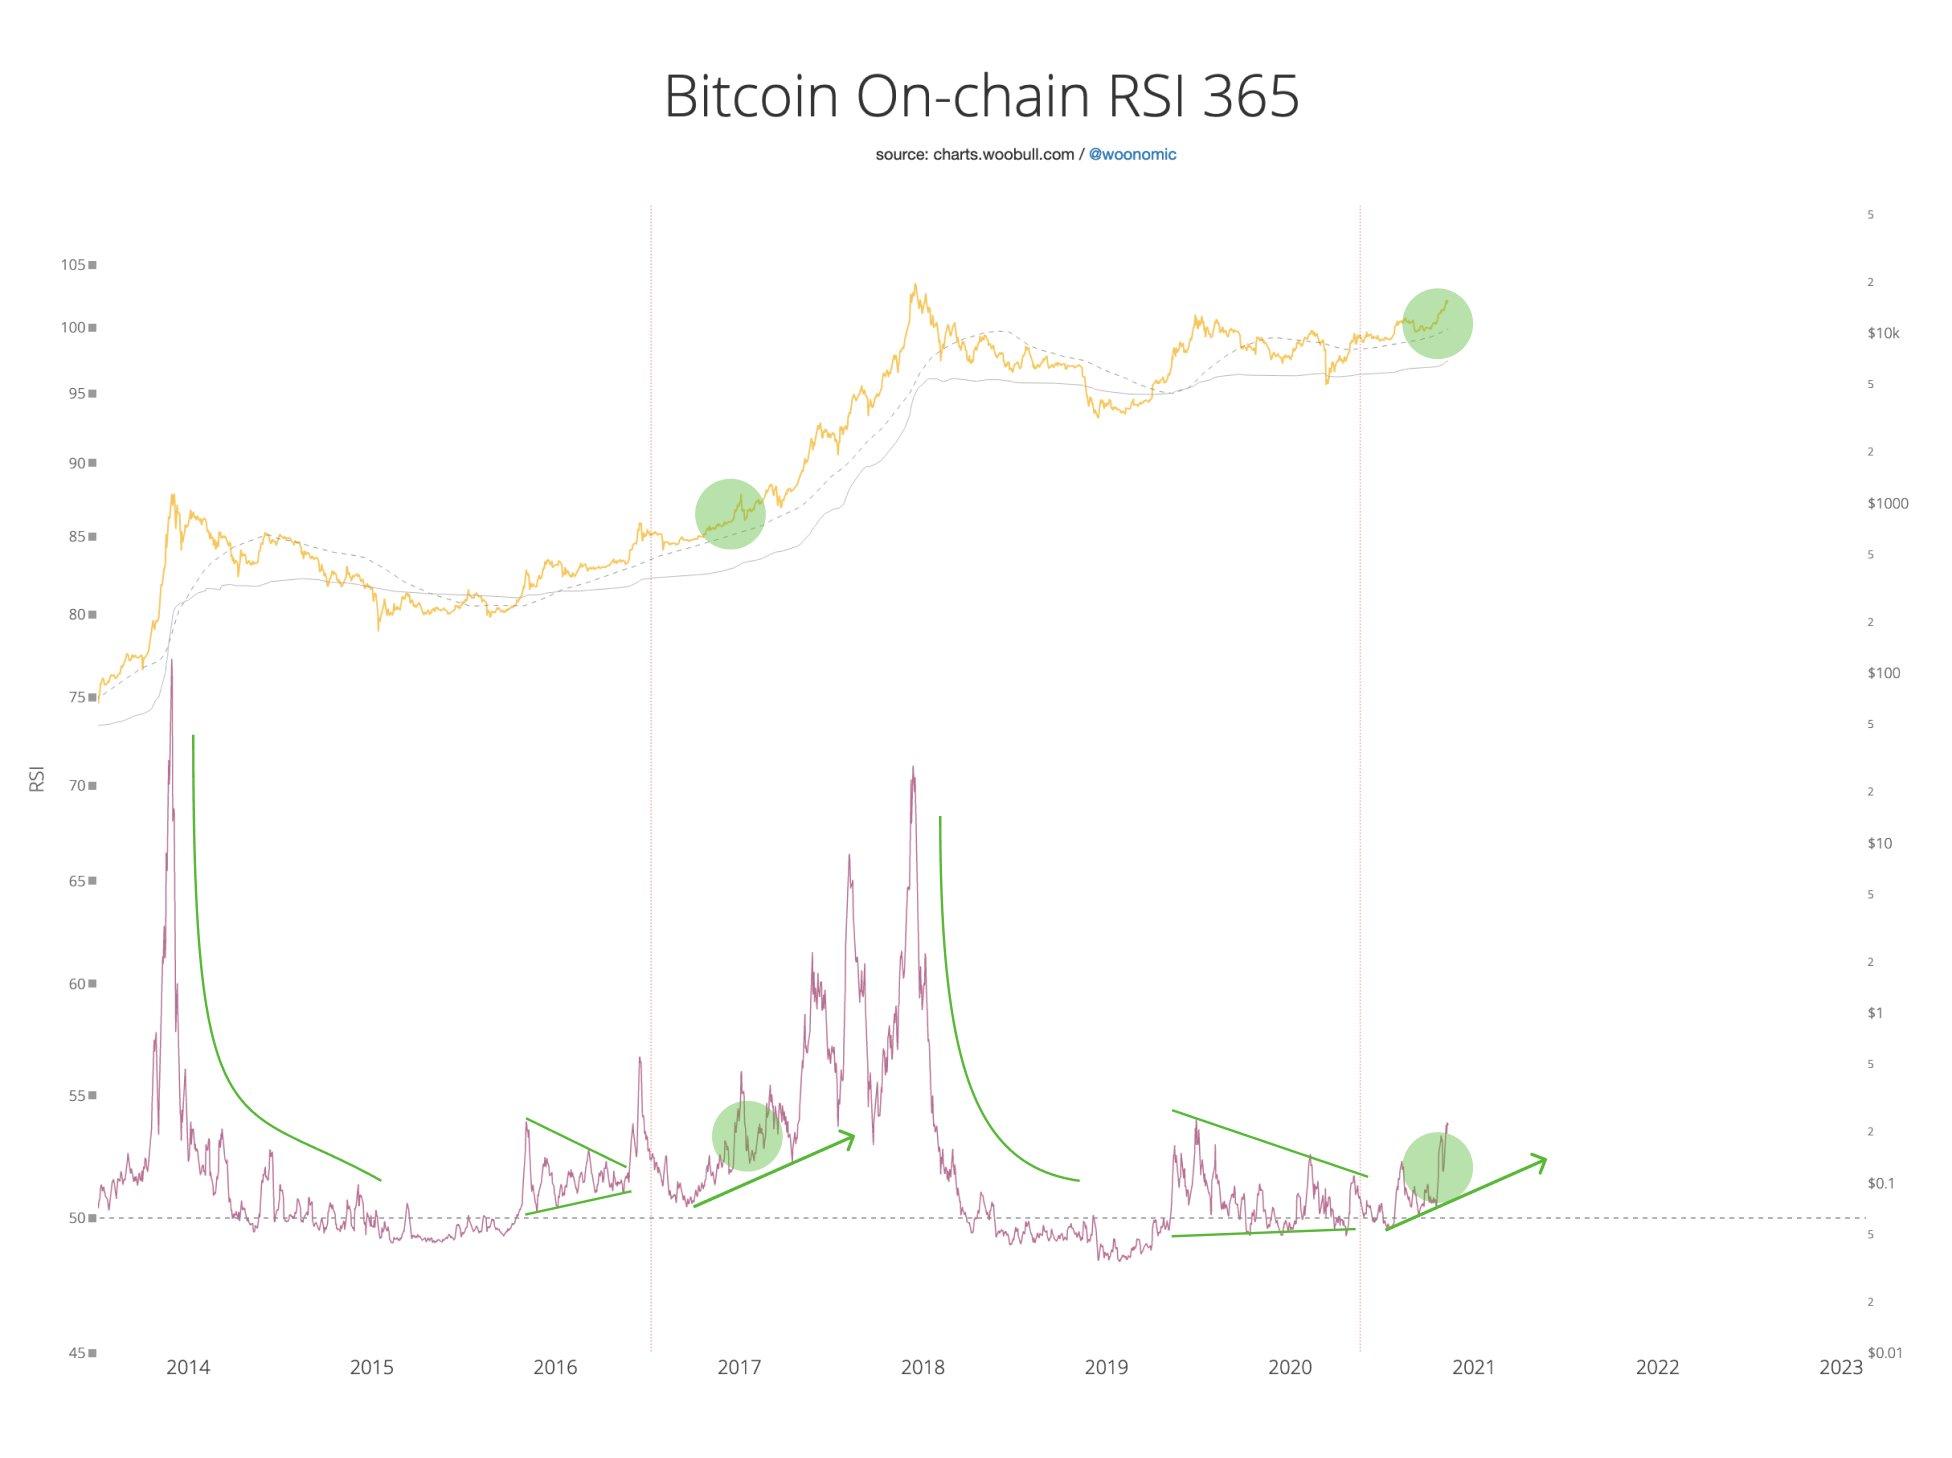 Bitcoin on chain RSI